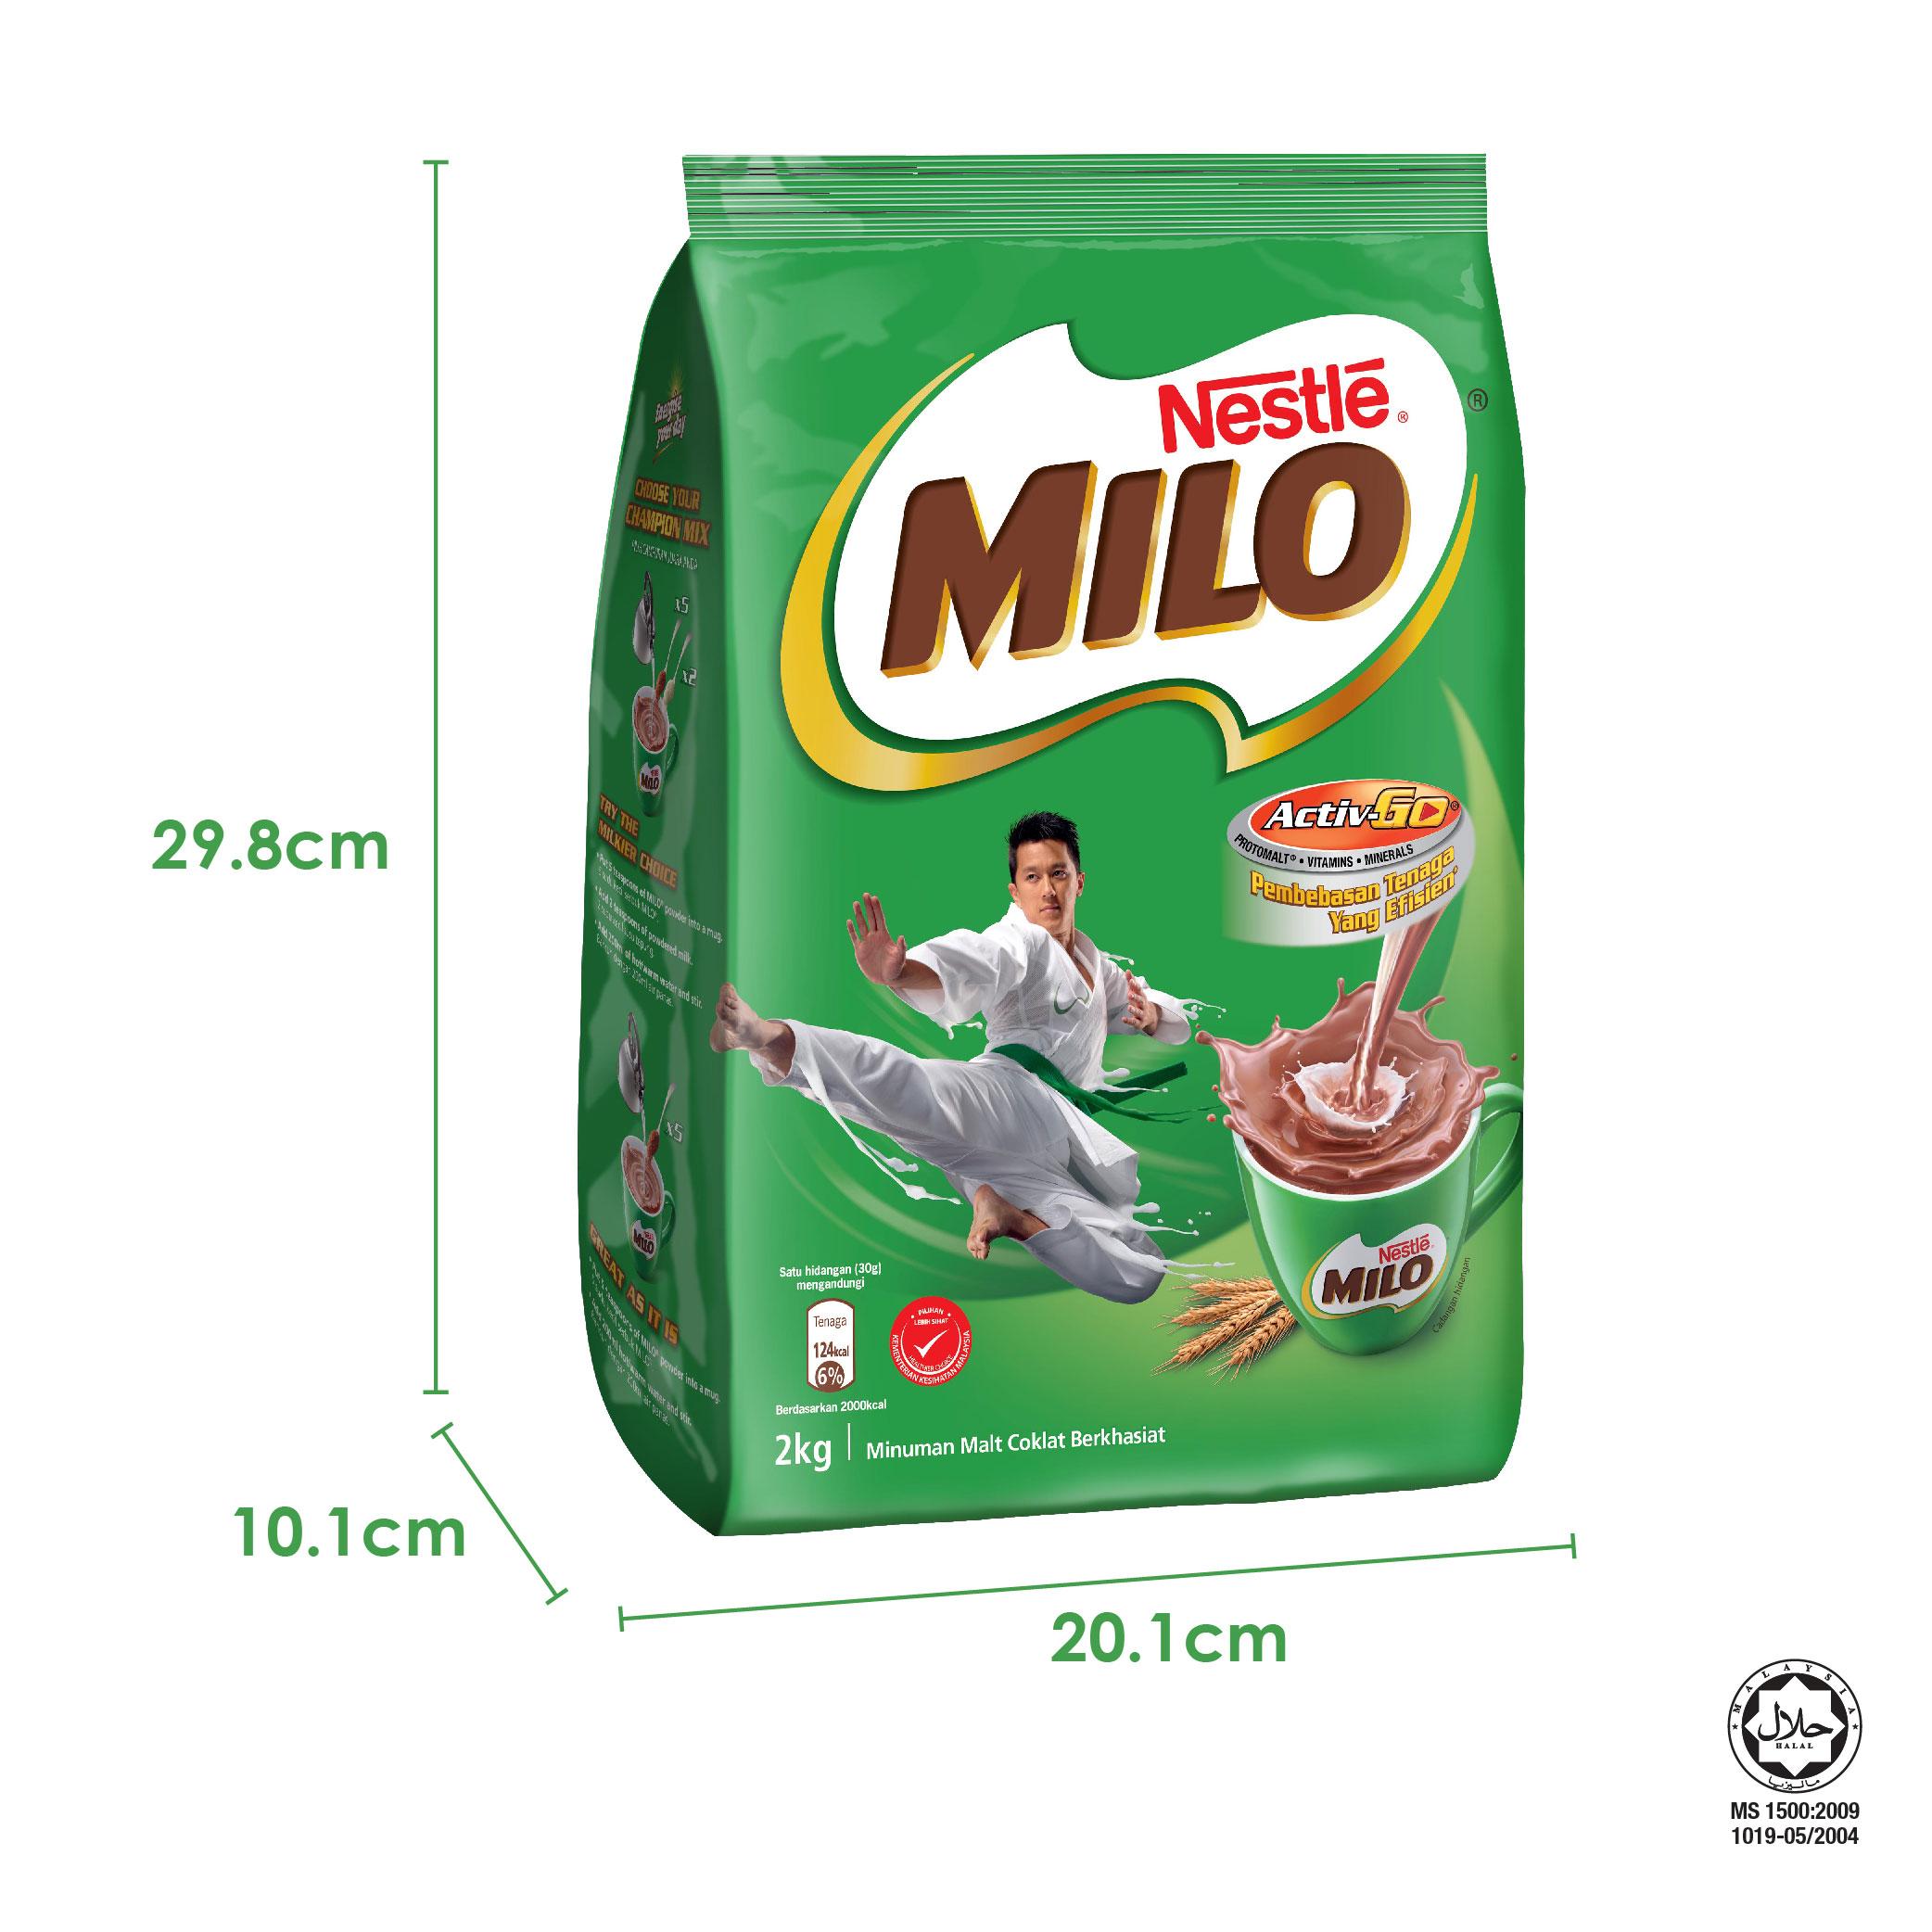 NESTLÉ MILO ACTIV-GO CHOCOLATE MALT POWDER Soft Pack 2kg x6 packs (Carton)